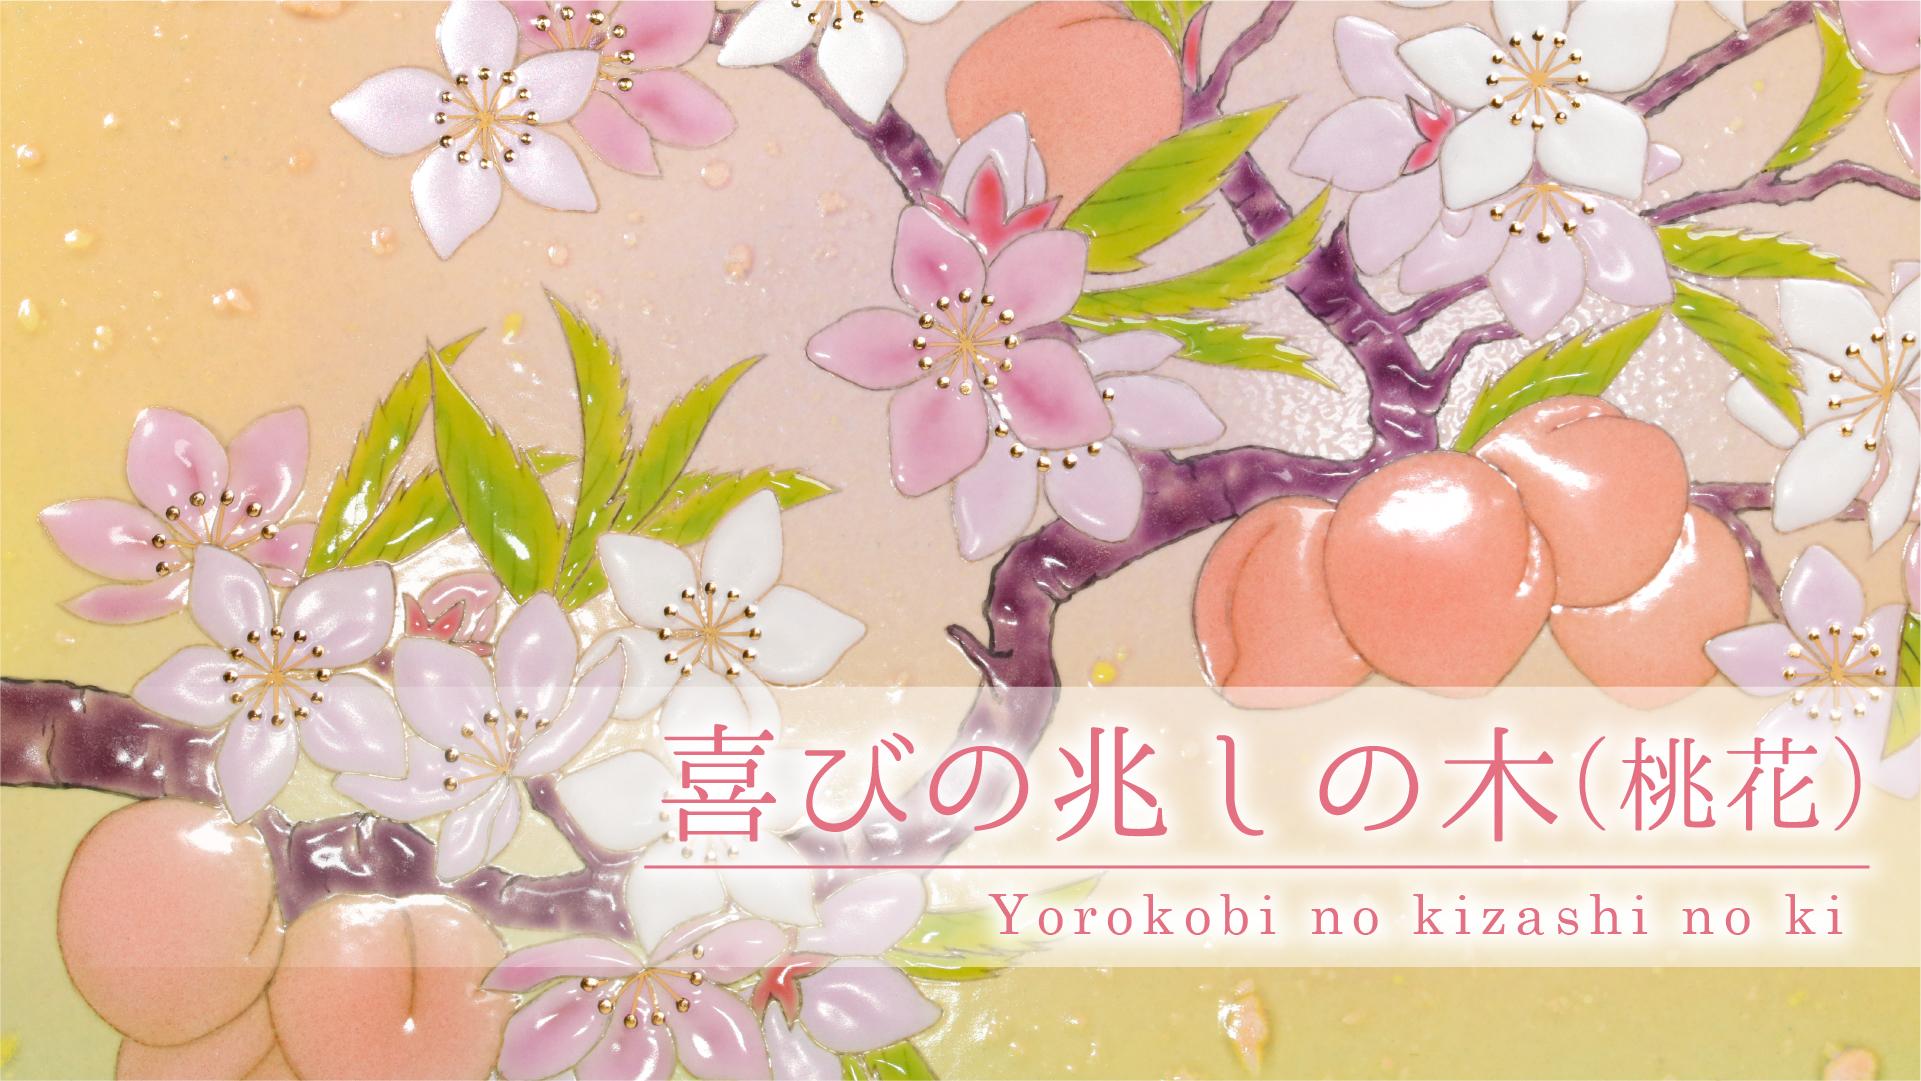 陶彩画「喜びの兆しの木(桃花)」有田焼よりうまれた陶彩画